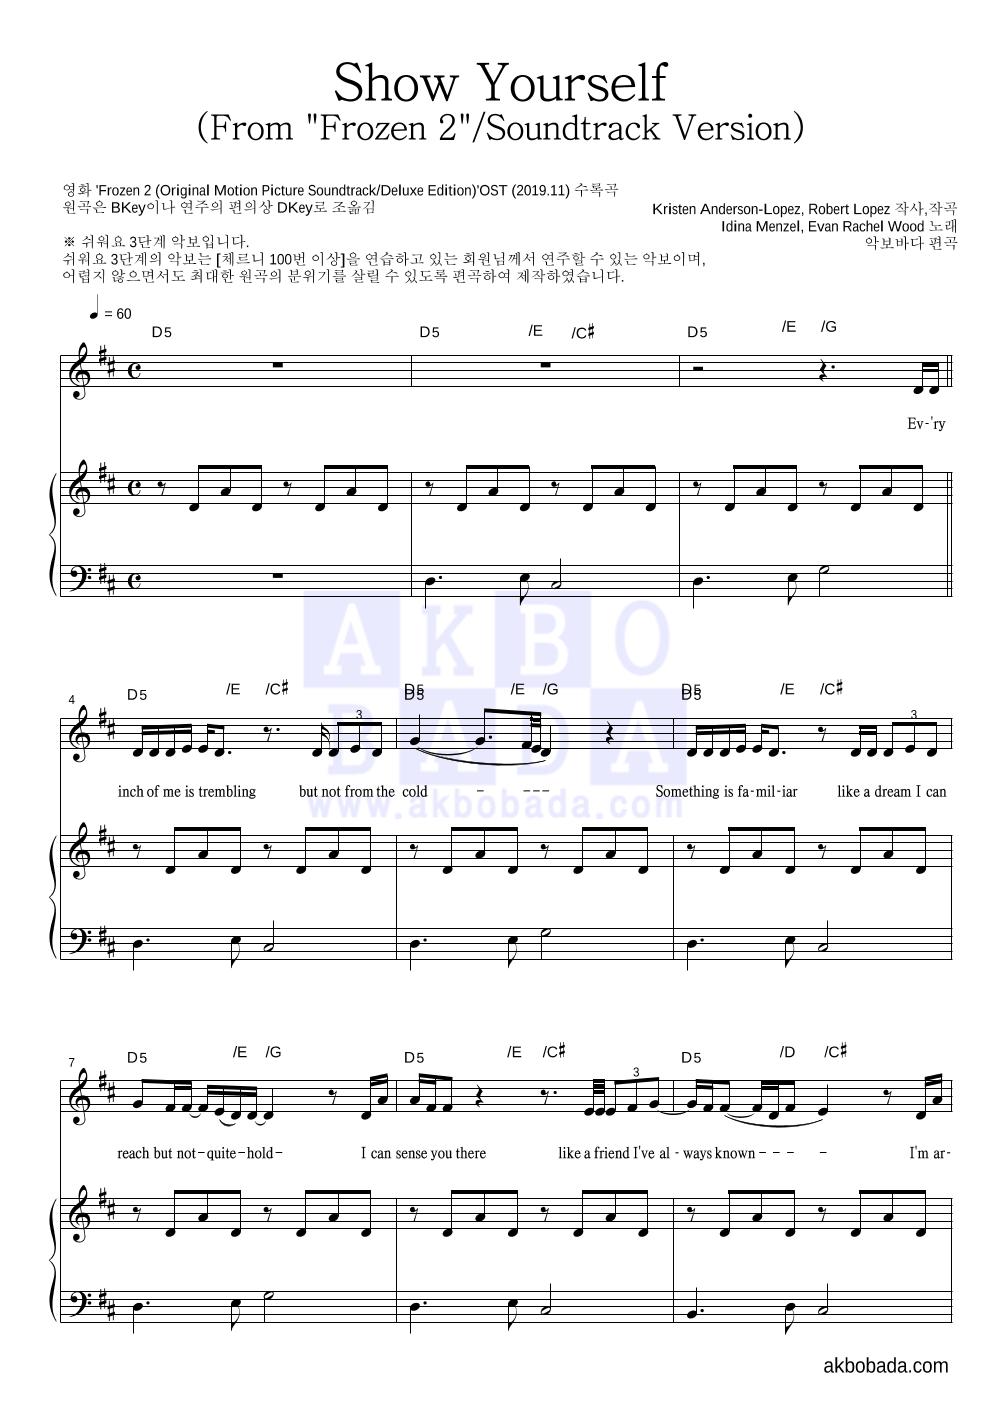 Idina Menzel, Evan Rachel Wood - Show Yourself 피아노3단-쉬워요 악보